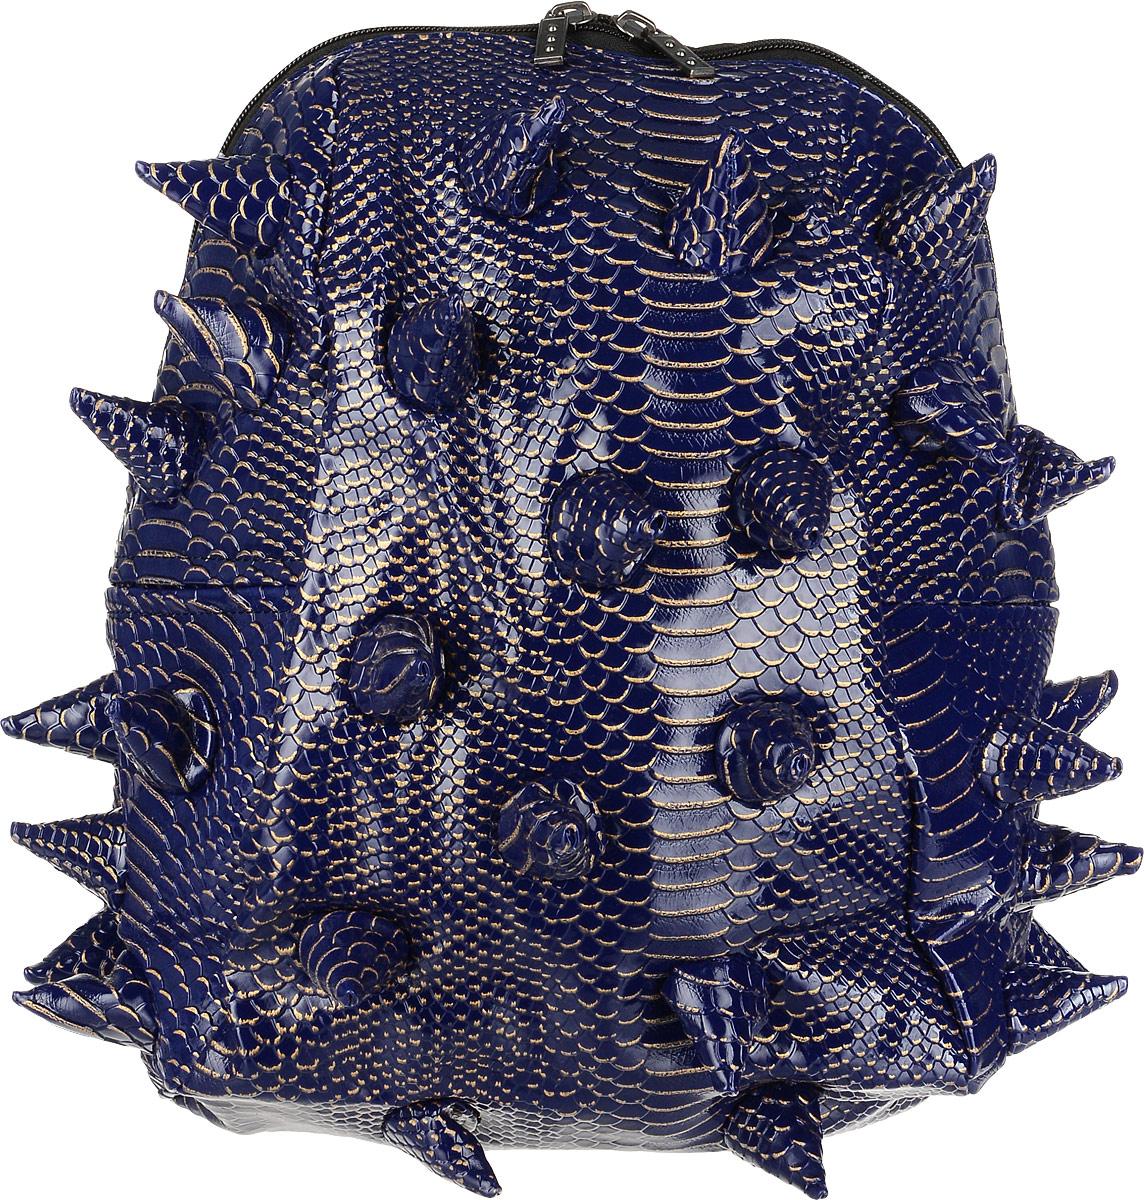 Рюкзак городской MadPax  Gator Half. LUXE , цвет: синий, золотой, 16 л - Рюкзаки